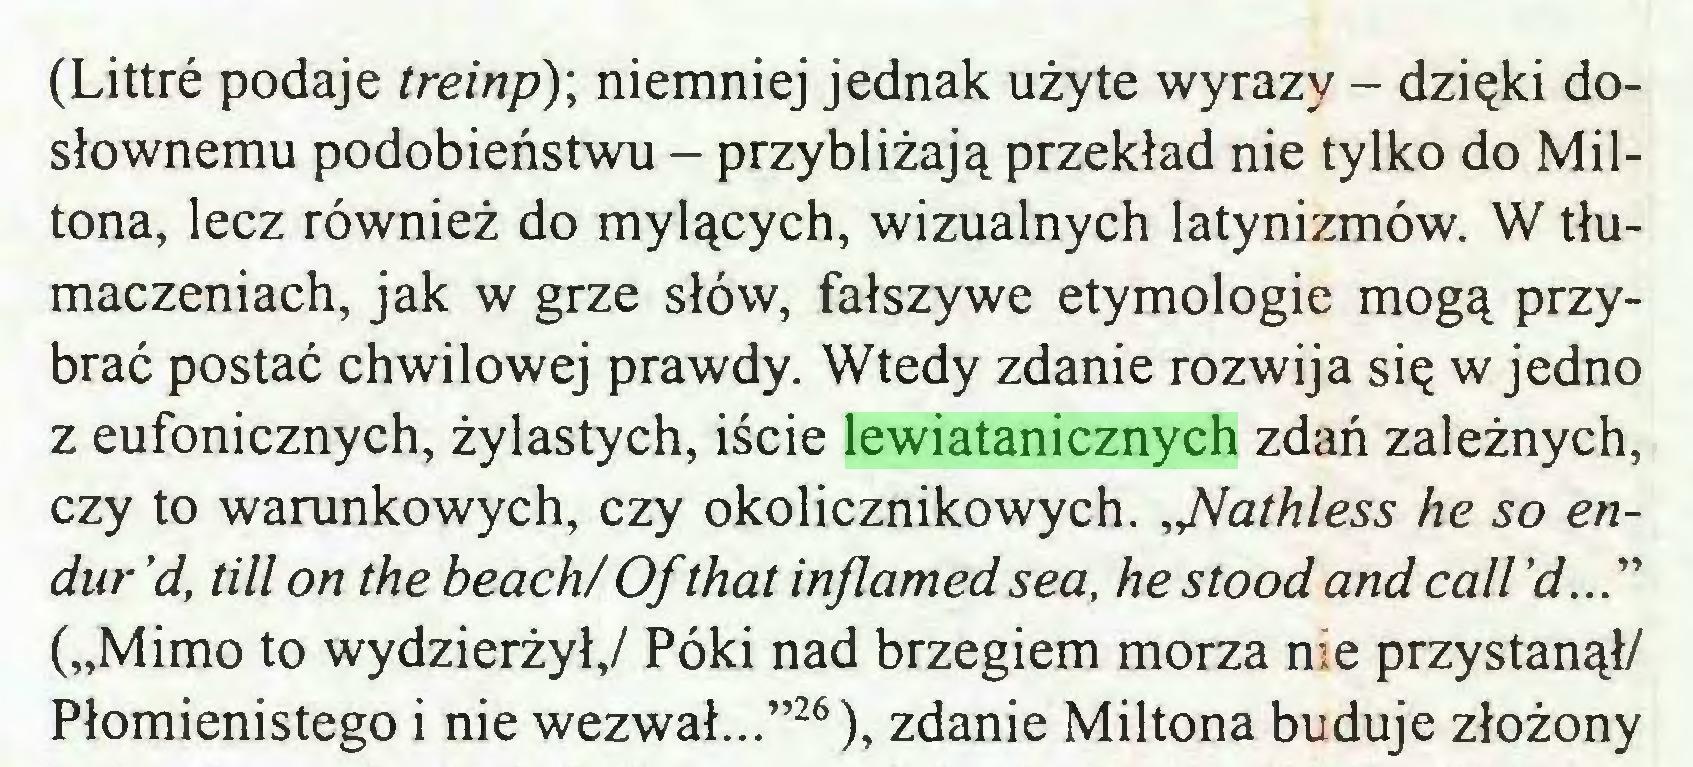 """(...) (Littré podaje treinp)\ niemniej jednak użyte wyrazy - dzięki dosłownemu podobieństwu - przybliżają przekład nie tylko do Miltona, lecz również do mylących, wizualnych latynizmów. W tłumaczeniach, jak w grze słów, fałszywe etymologie mogą przybrać postać chwilowej prawdy. Wtedy zdanie rozwija się w jedno z eufonicznych, żylastych, iście lewiatanicznych zdań zależnych, czy to warunkowych, czy okolicznikowych. pathless he so endur 'd, till on the beach/ Of that inflamed sea, he stood and call (""""Mimo to wydzierżył,/ Póki nad brzegiem morza nie przystanął/ Płomienistego i nie wezwał...""""26), zdanie Miltona buduje złożony..."""